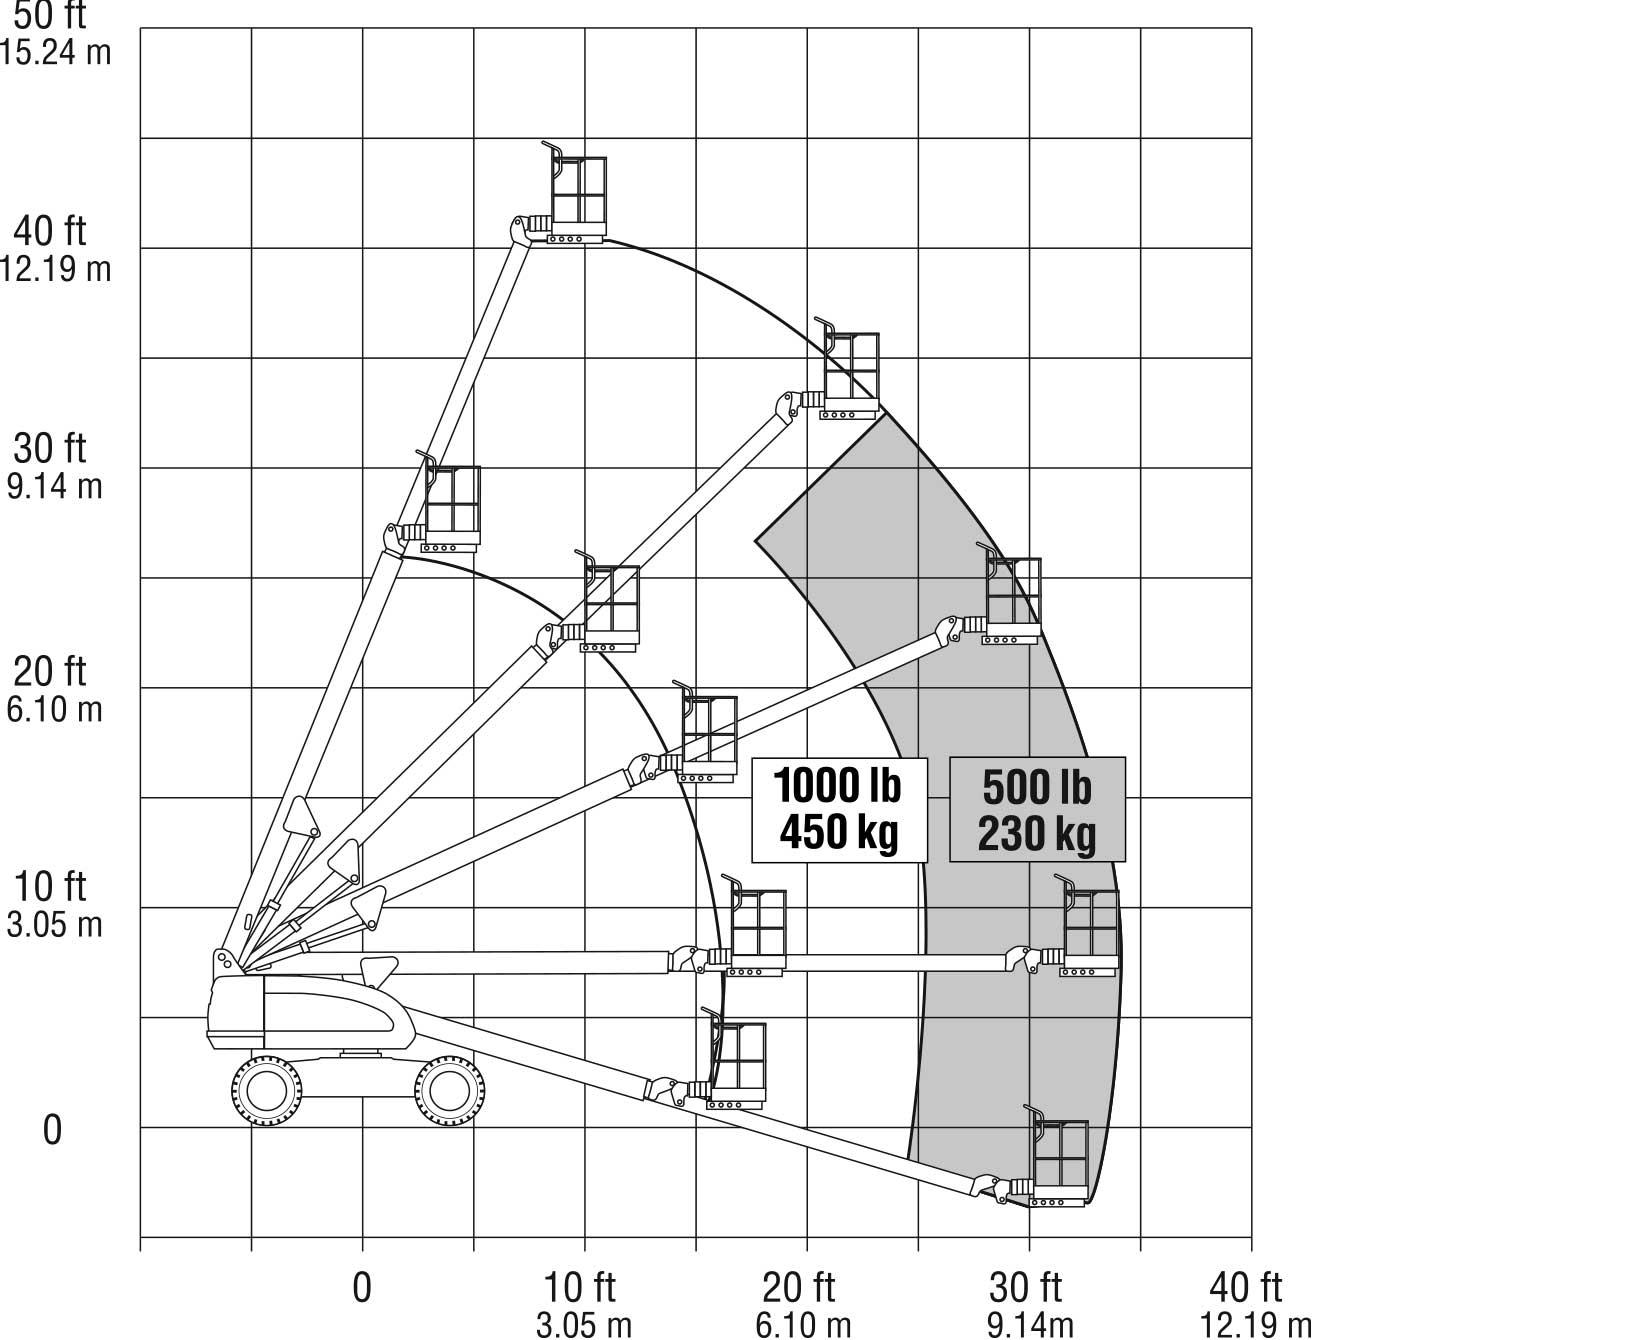 400s telescopic boom lift jlg. Black Bedroom Furniture Sets. Home Design Ideas